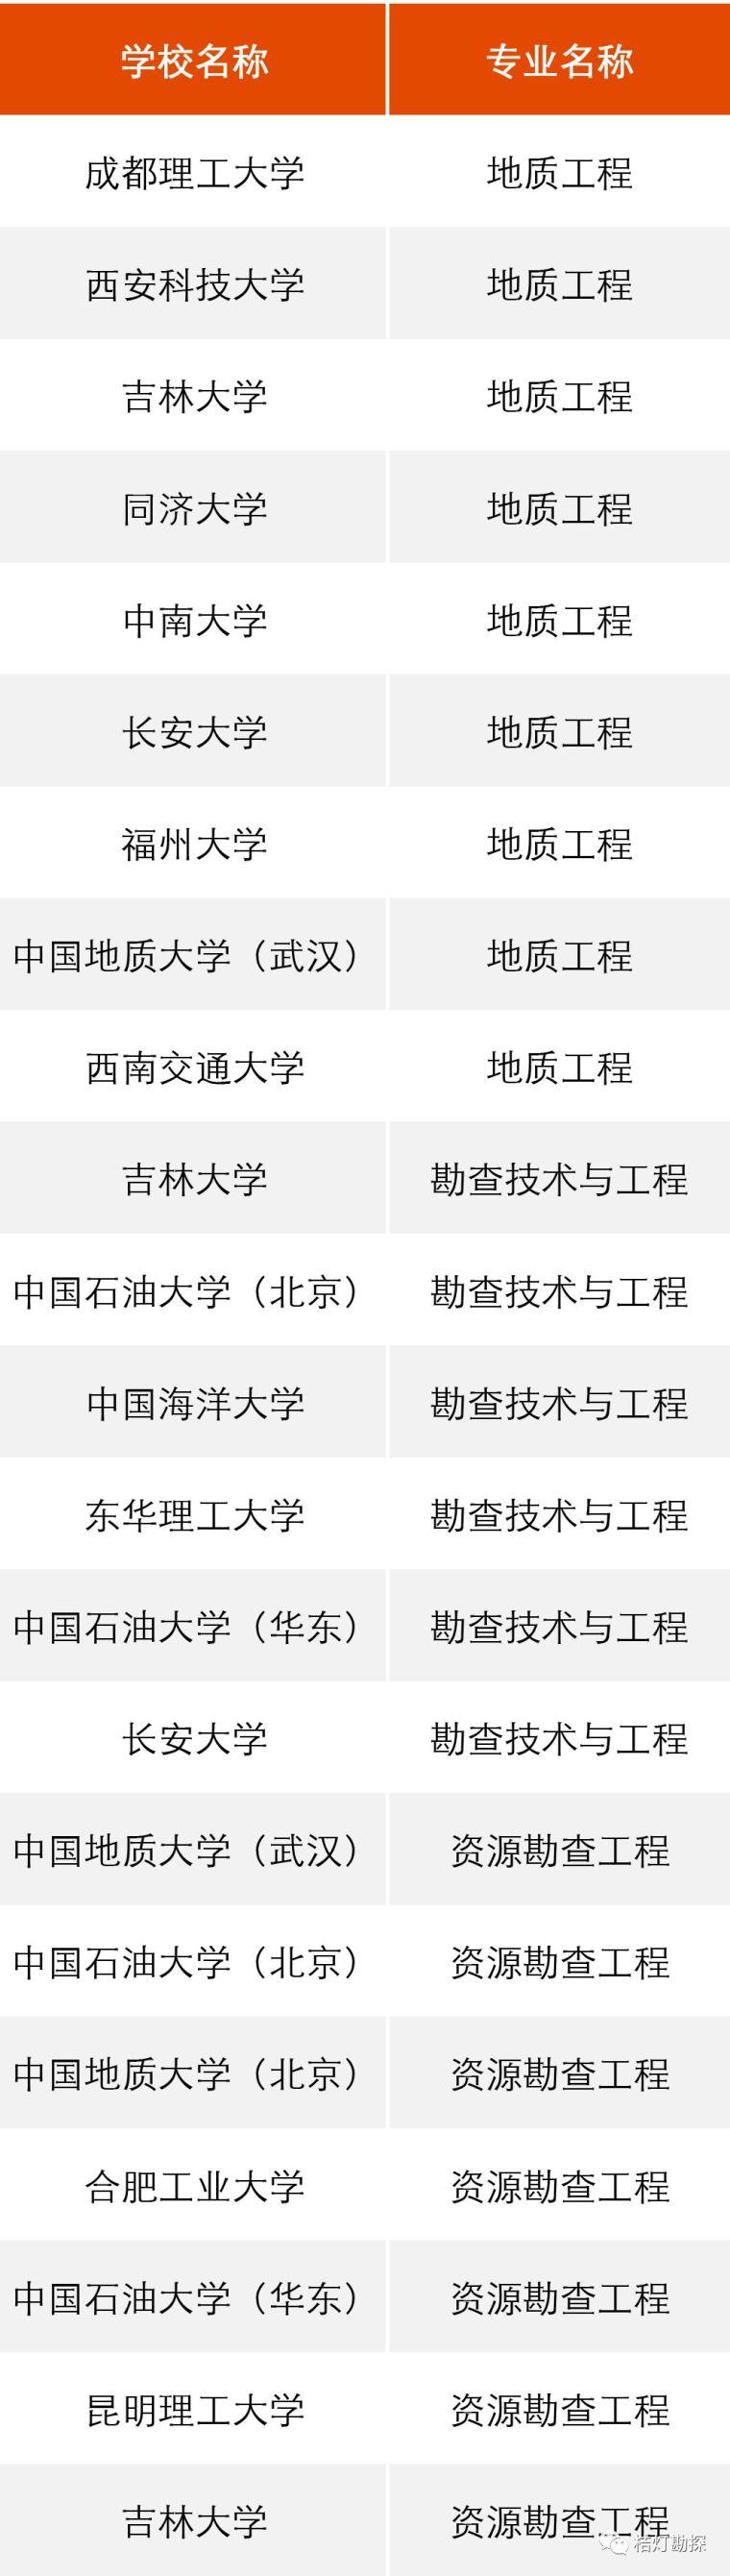 """教育部公布293个地学类工科专业进入全球""""第一方阵""""!_1"""